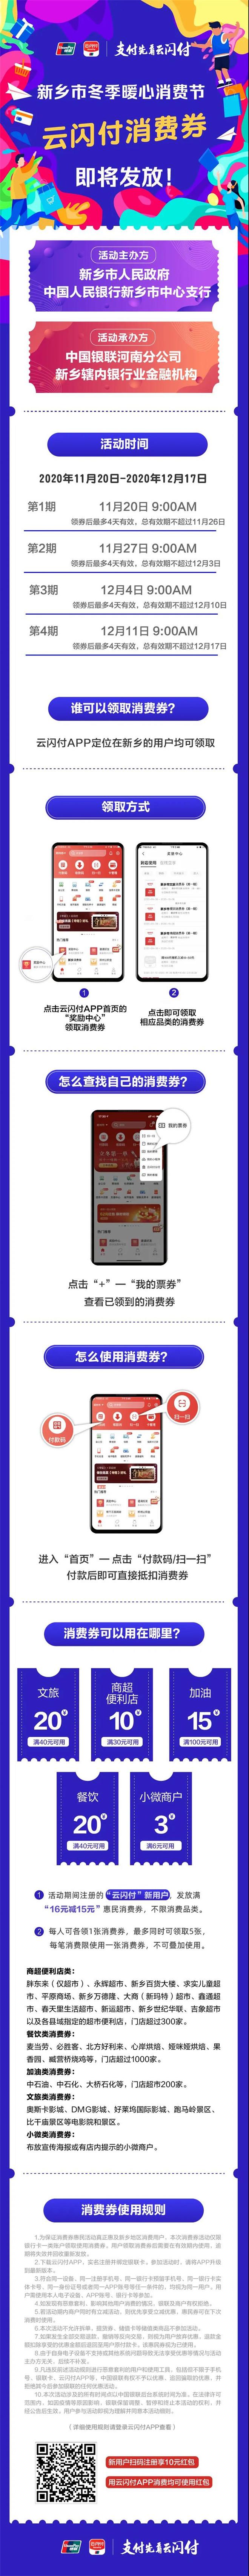 20201119中国银联新乡冬日消费.jpg